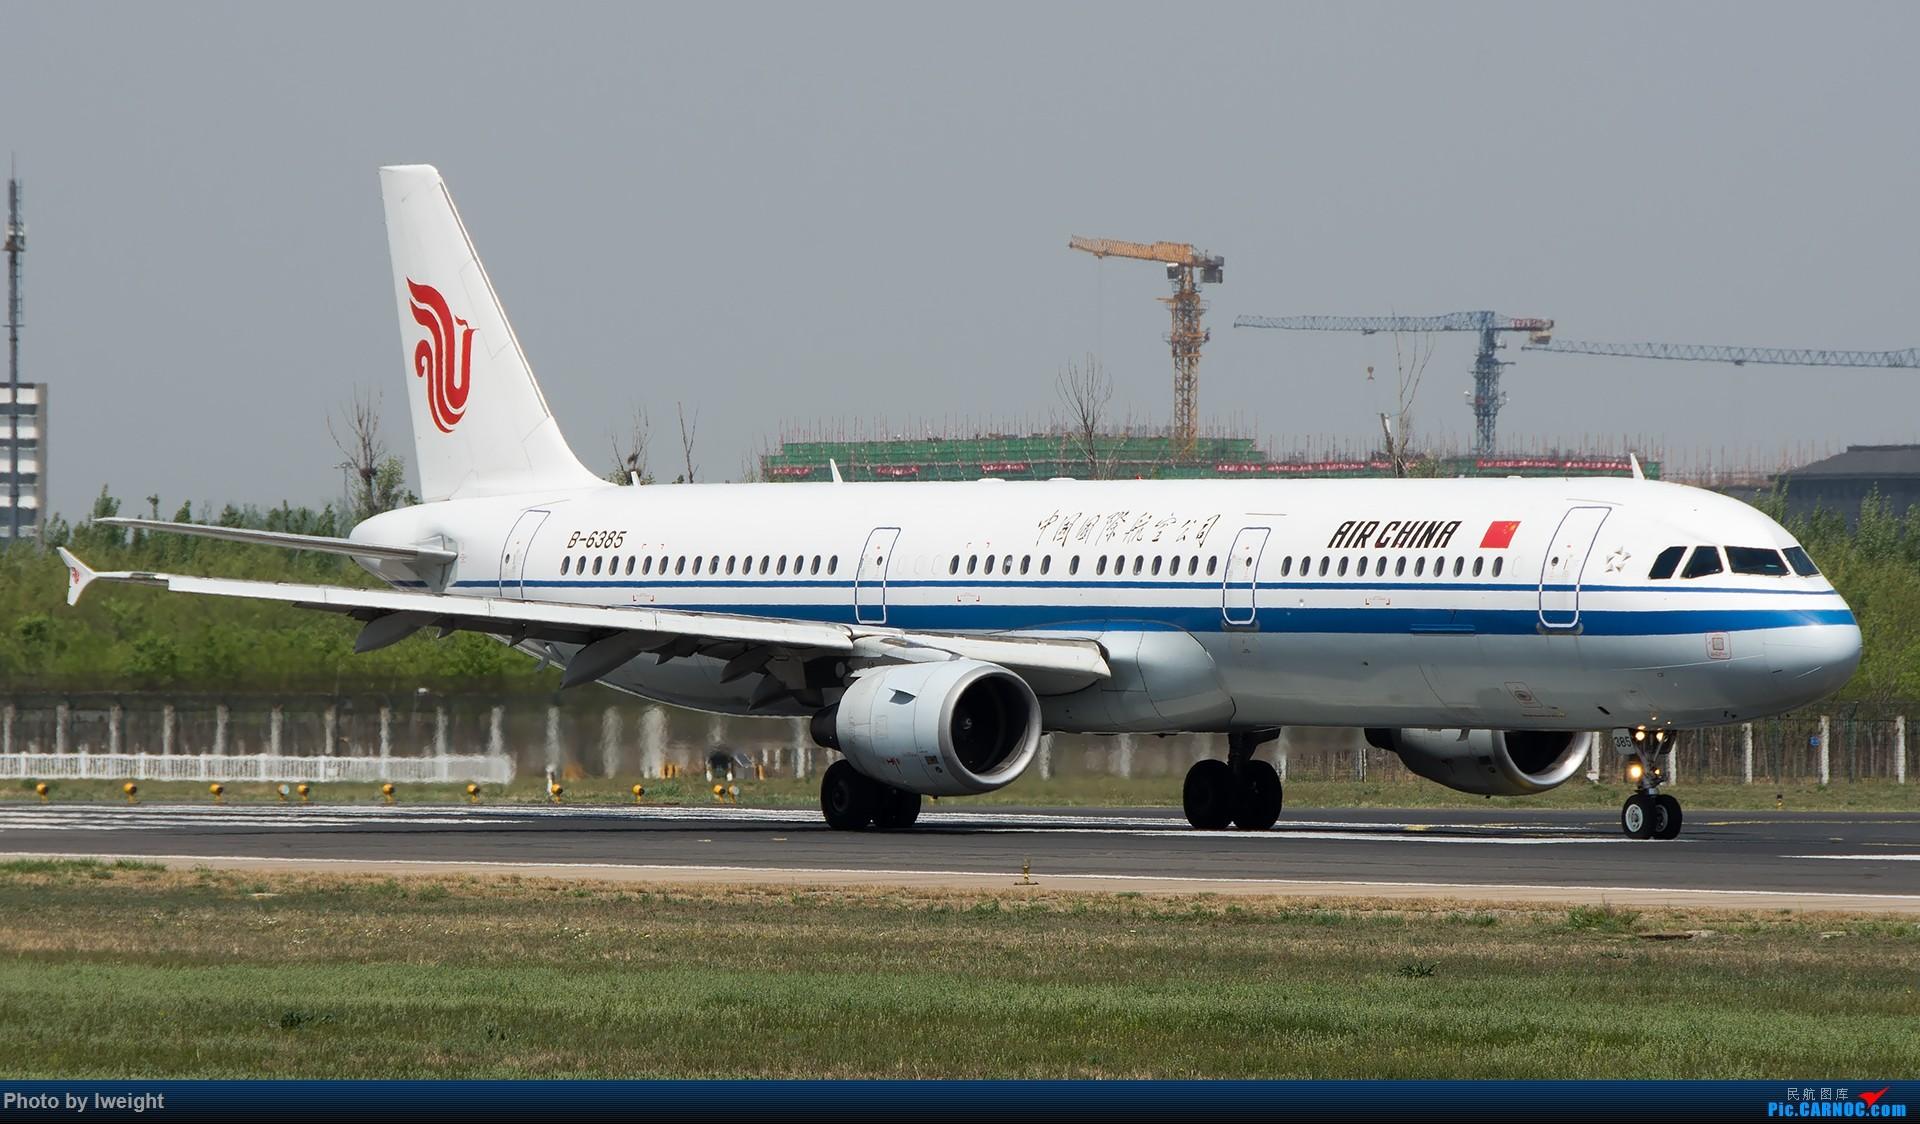 Re:[原创]天气晴朗,继续守候18R【多图】 AIRBUS A321-200 B-6385 中国北京首都国际机场